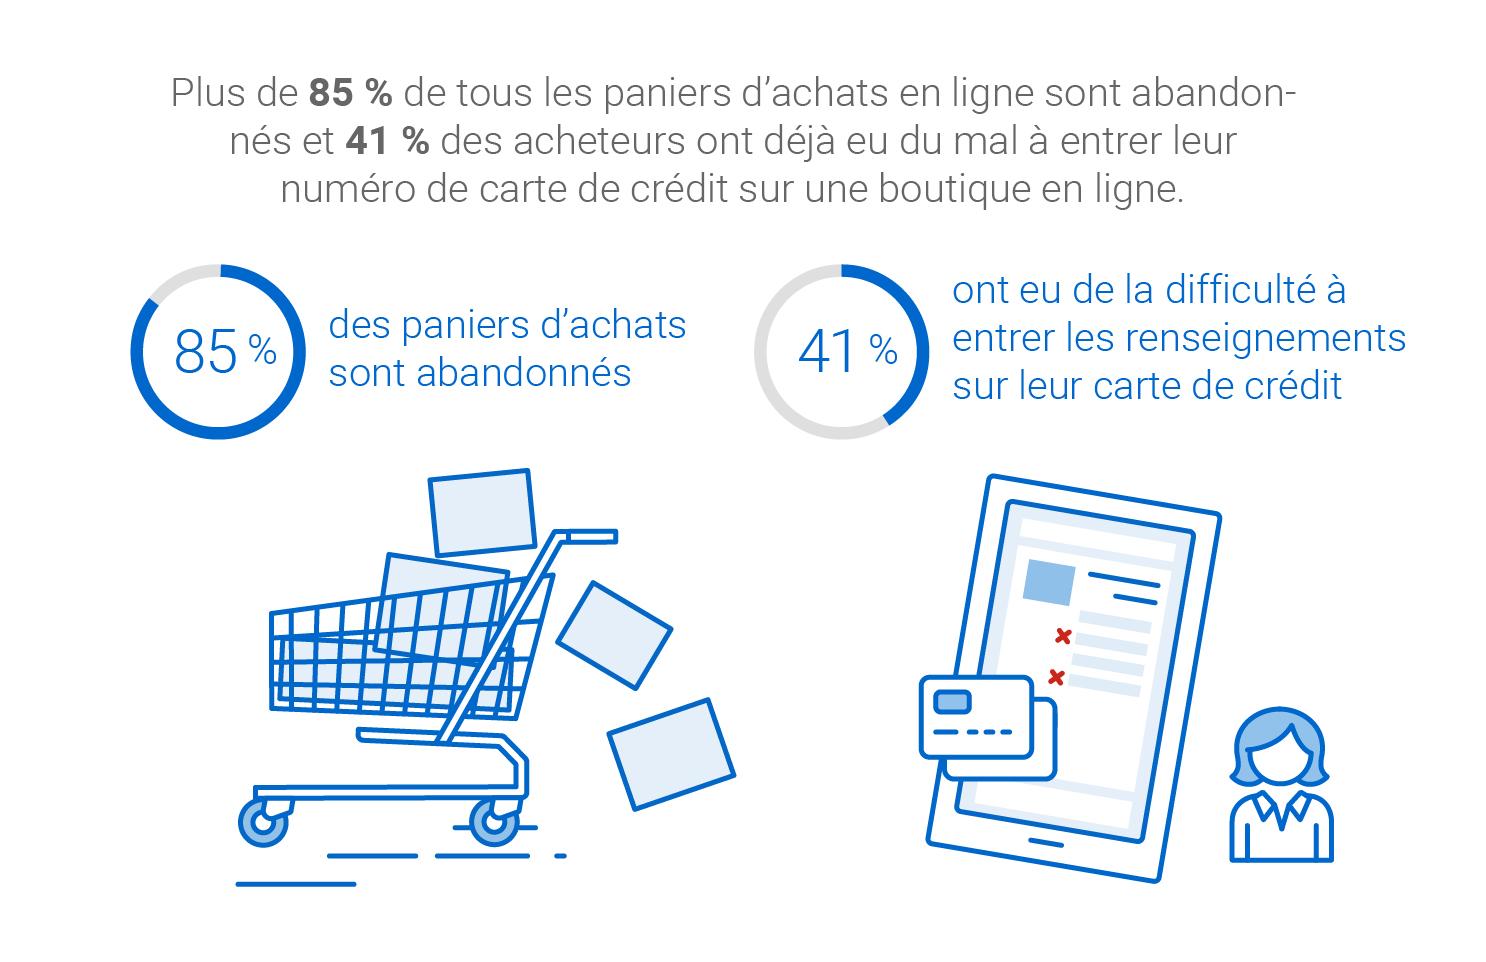 Plus de 85 % de tous les paniers d'achats en ligne sont abandonnés et plus de 41 % des acheteurs ont déjà eu du mal à entrer leur numéro de carte de crédit.